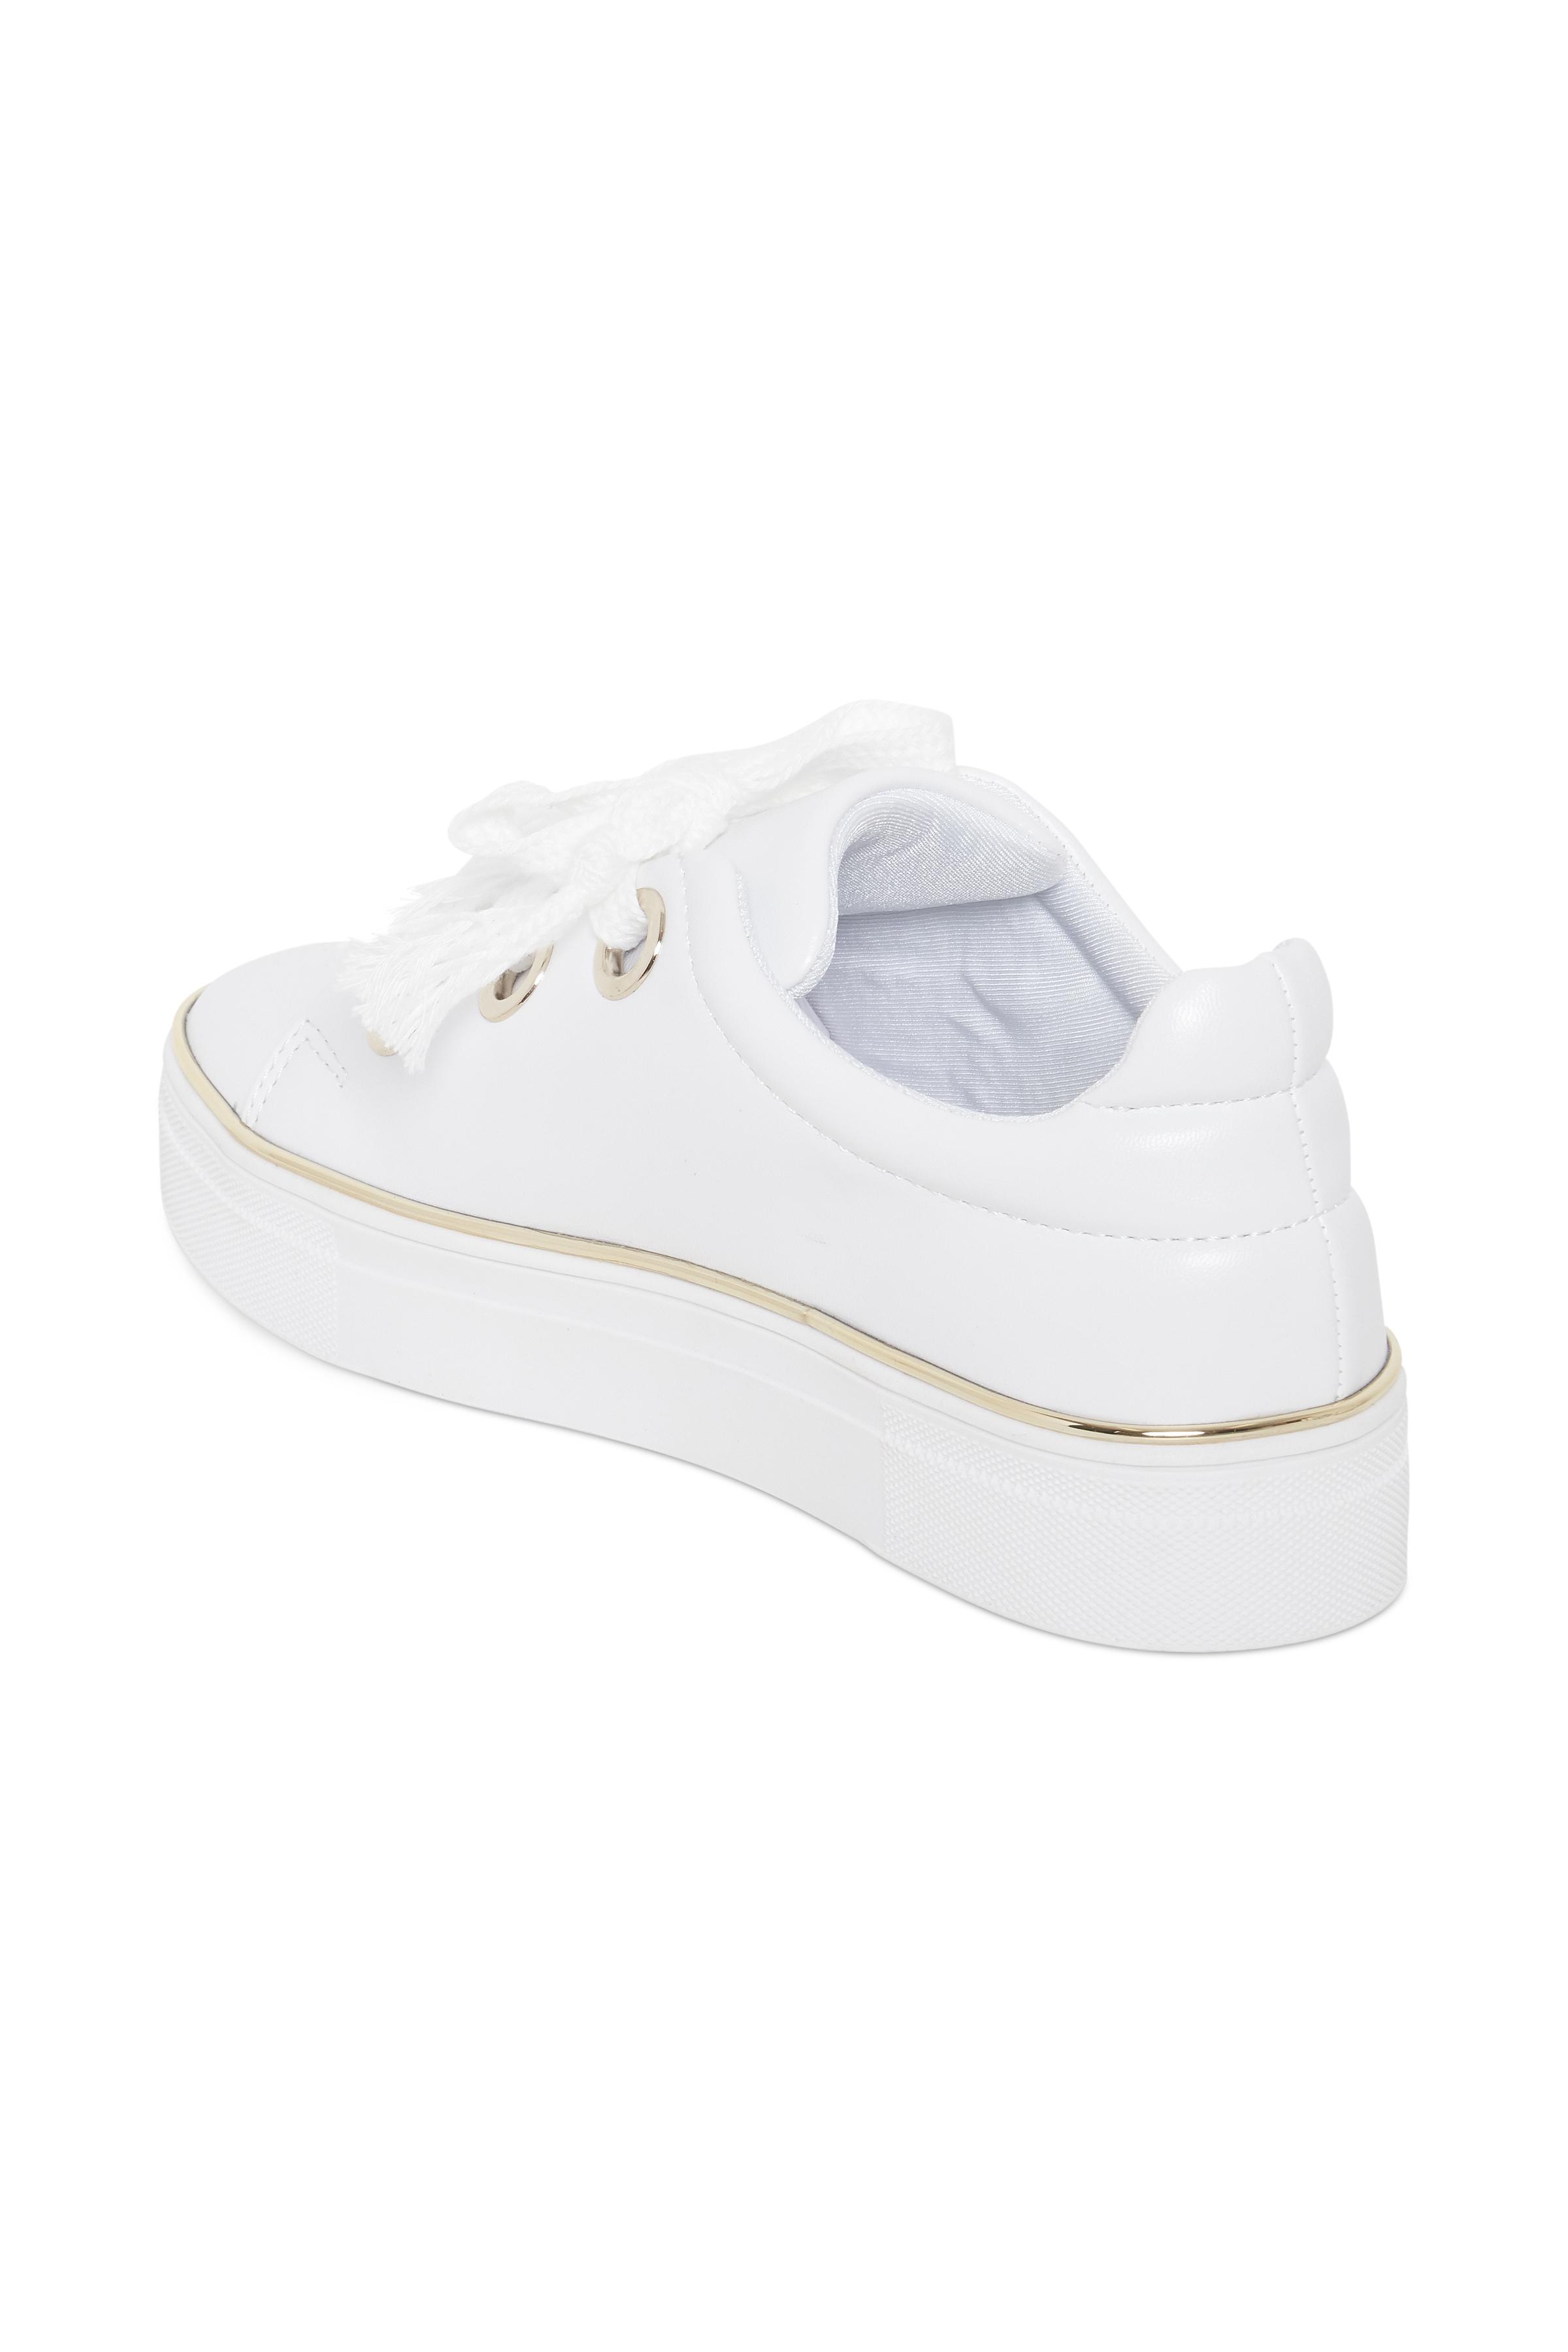 White Sko – Køb White Sko fra str. 36-41 her